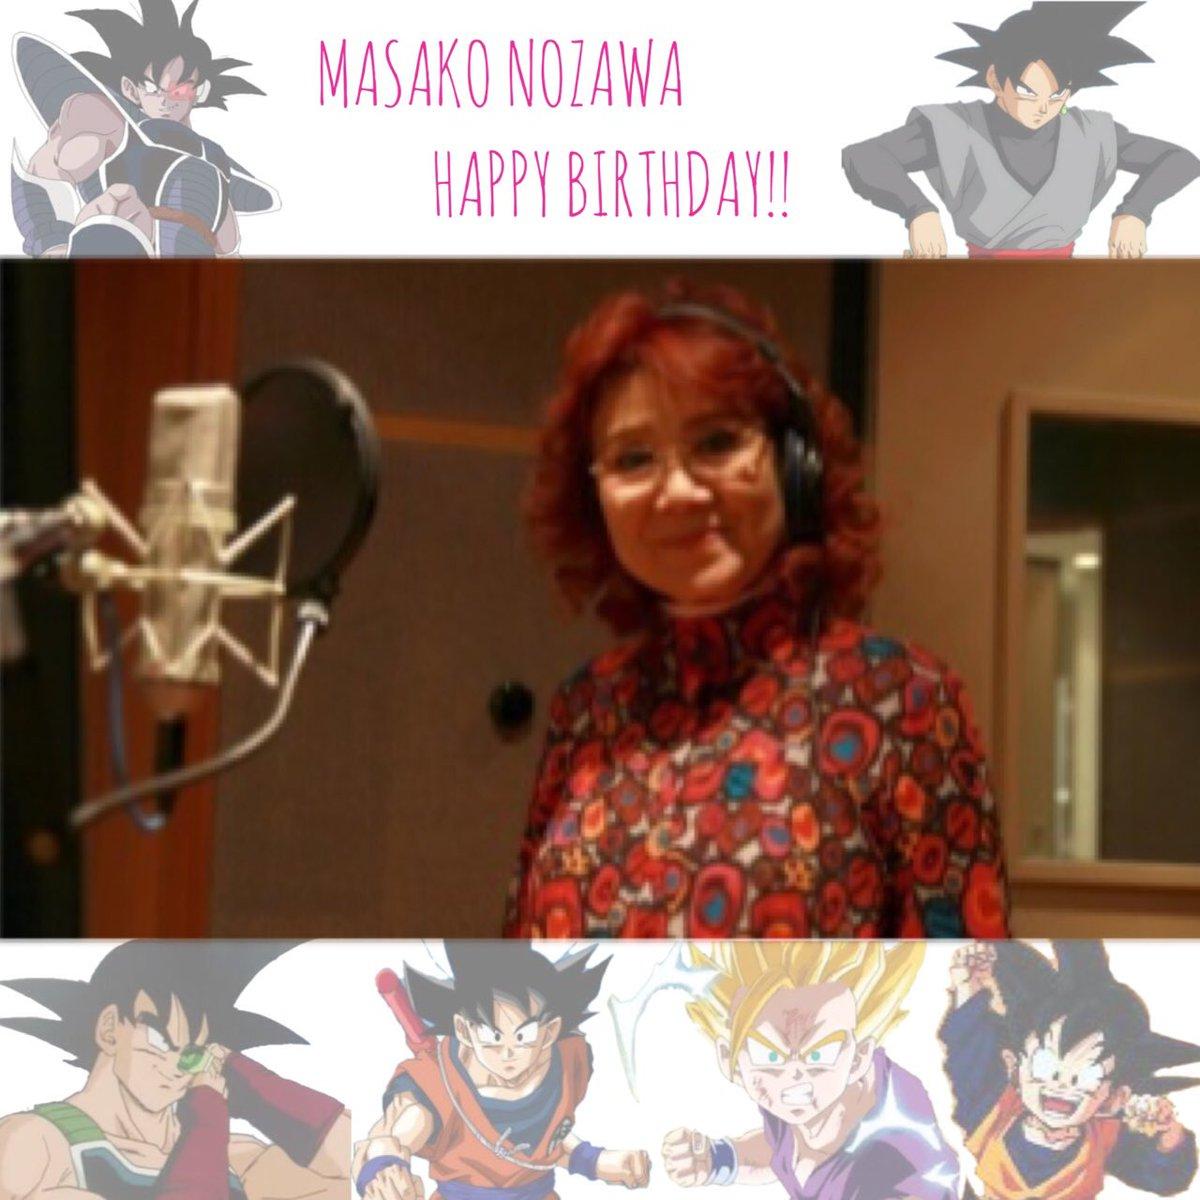 野沢雅子さん お誕生日おめでとうございます!素敵な一年をお過ごしください٩(ˊᗜˋ*)و#野沢雅子 #野沢雅子生誕祭20